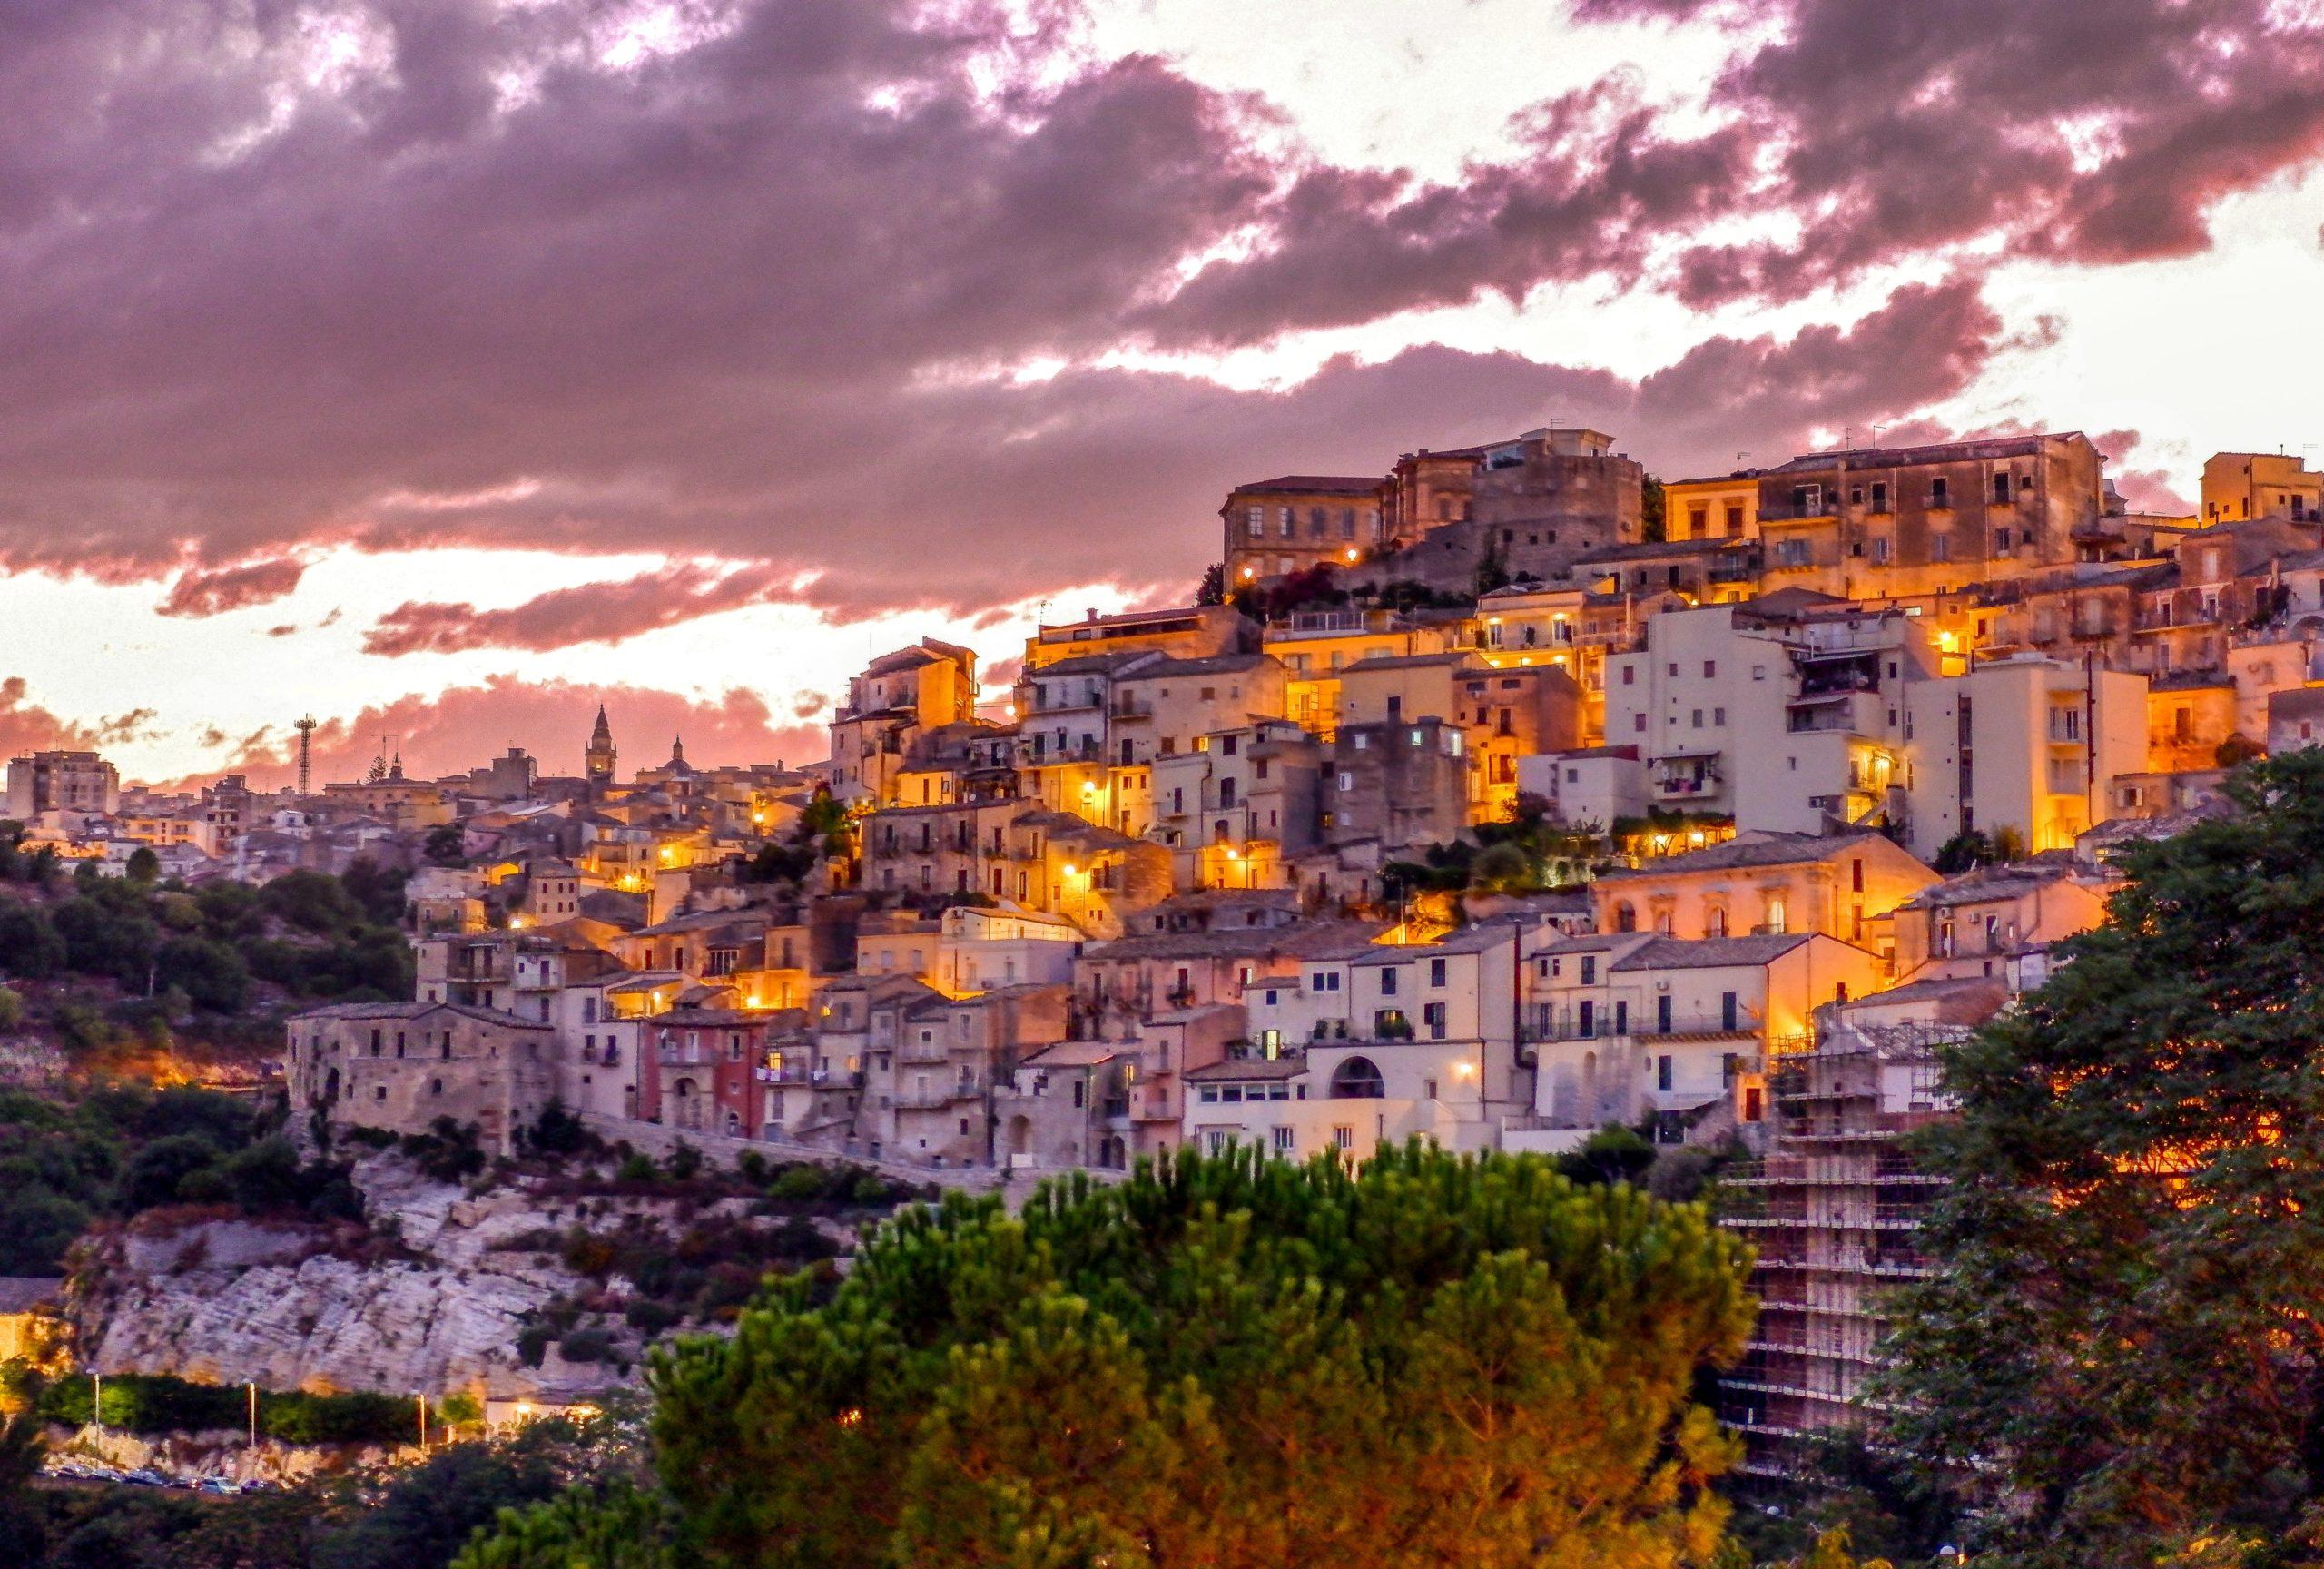 وجهات سياحية رائعة في صقلية ، إيطاليا